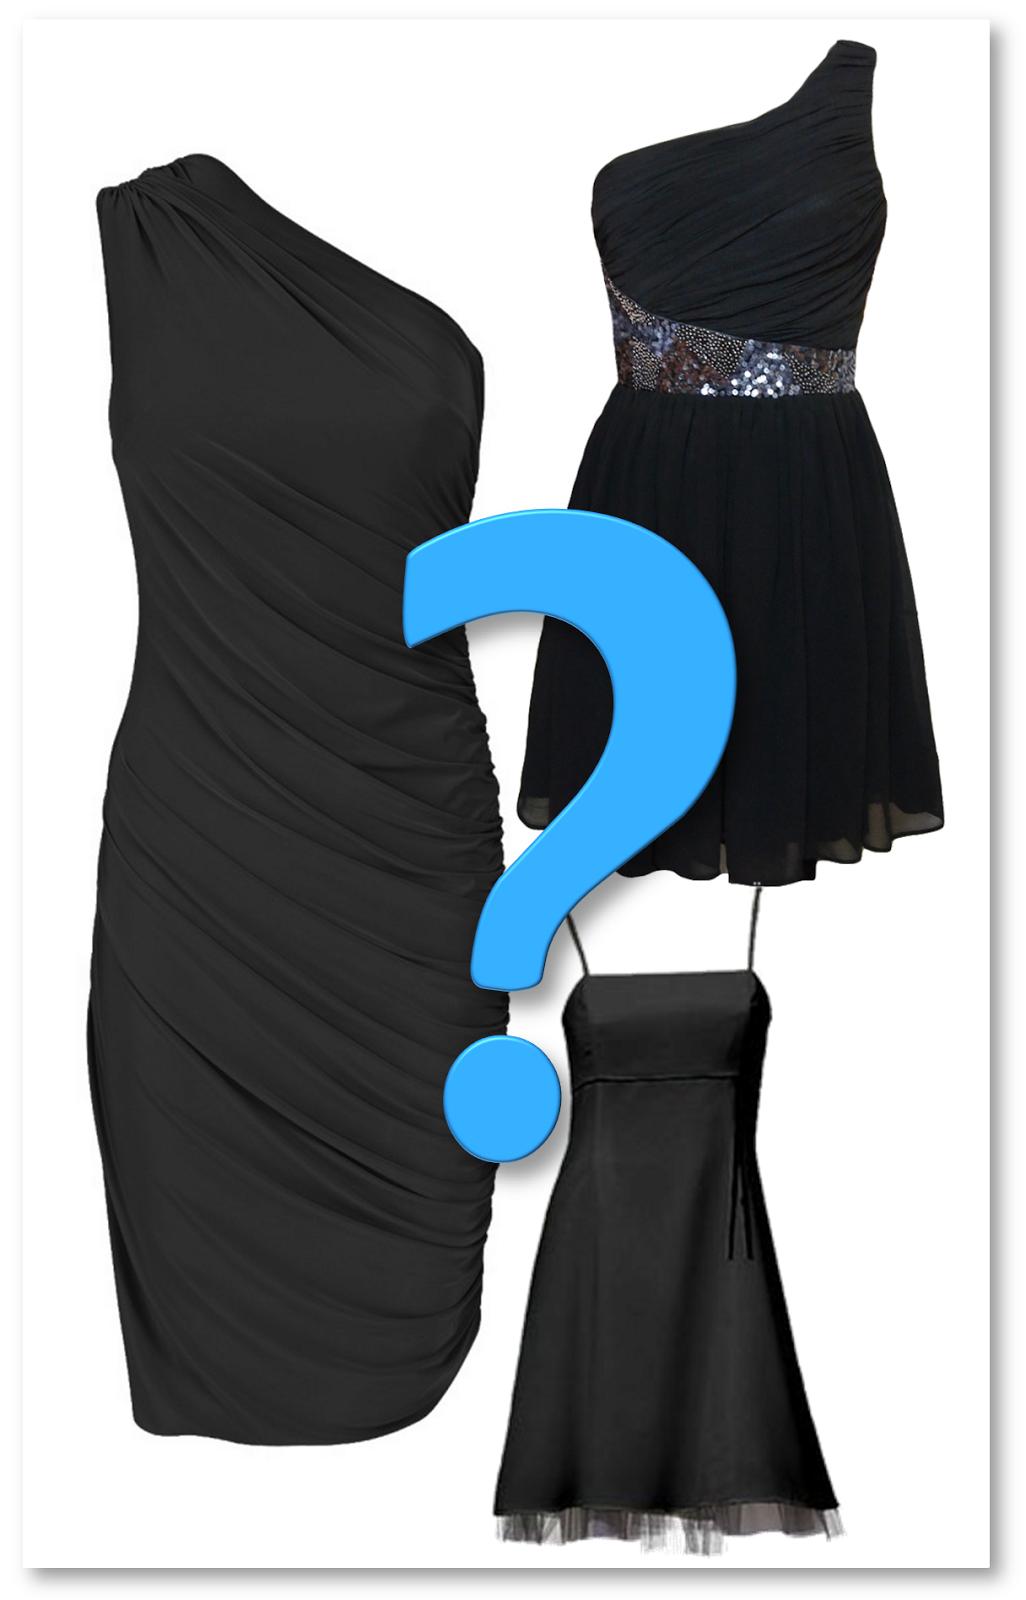 39 ne t te buntes wie kleide ich mich angemessen f r eine. Black Bedroom Furniture Sets. Home Design Ideas